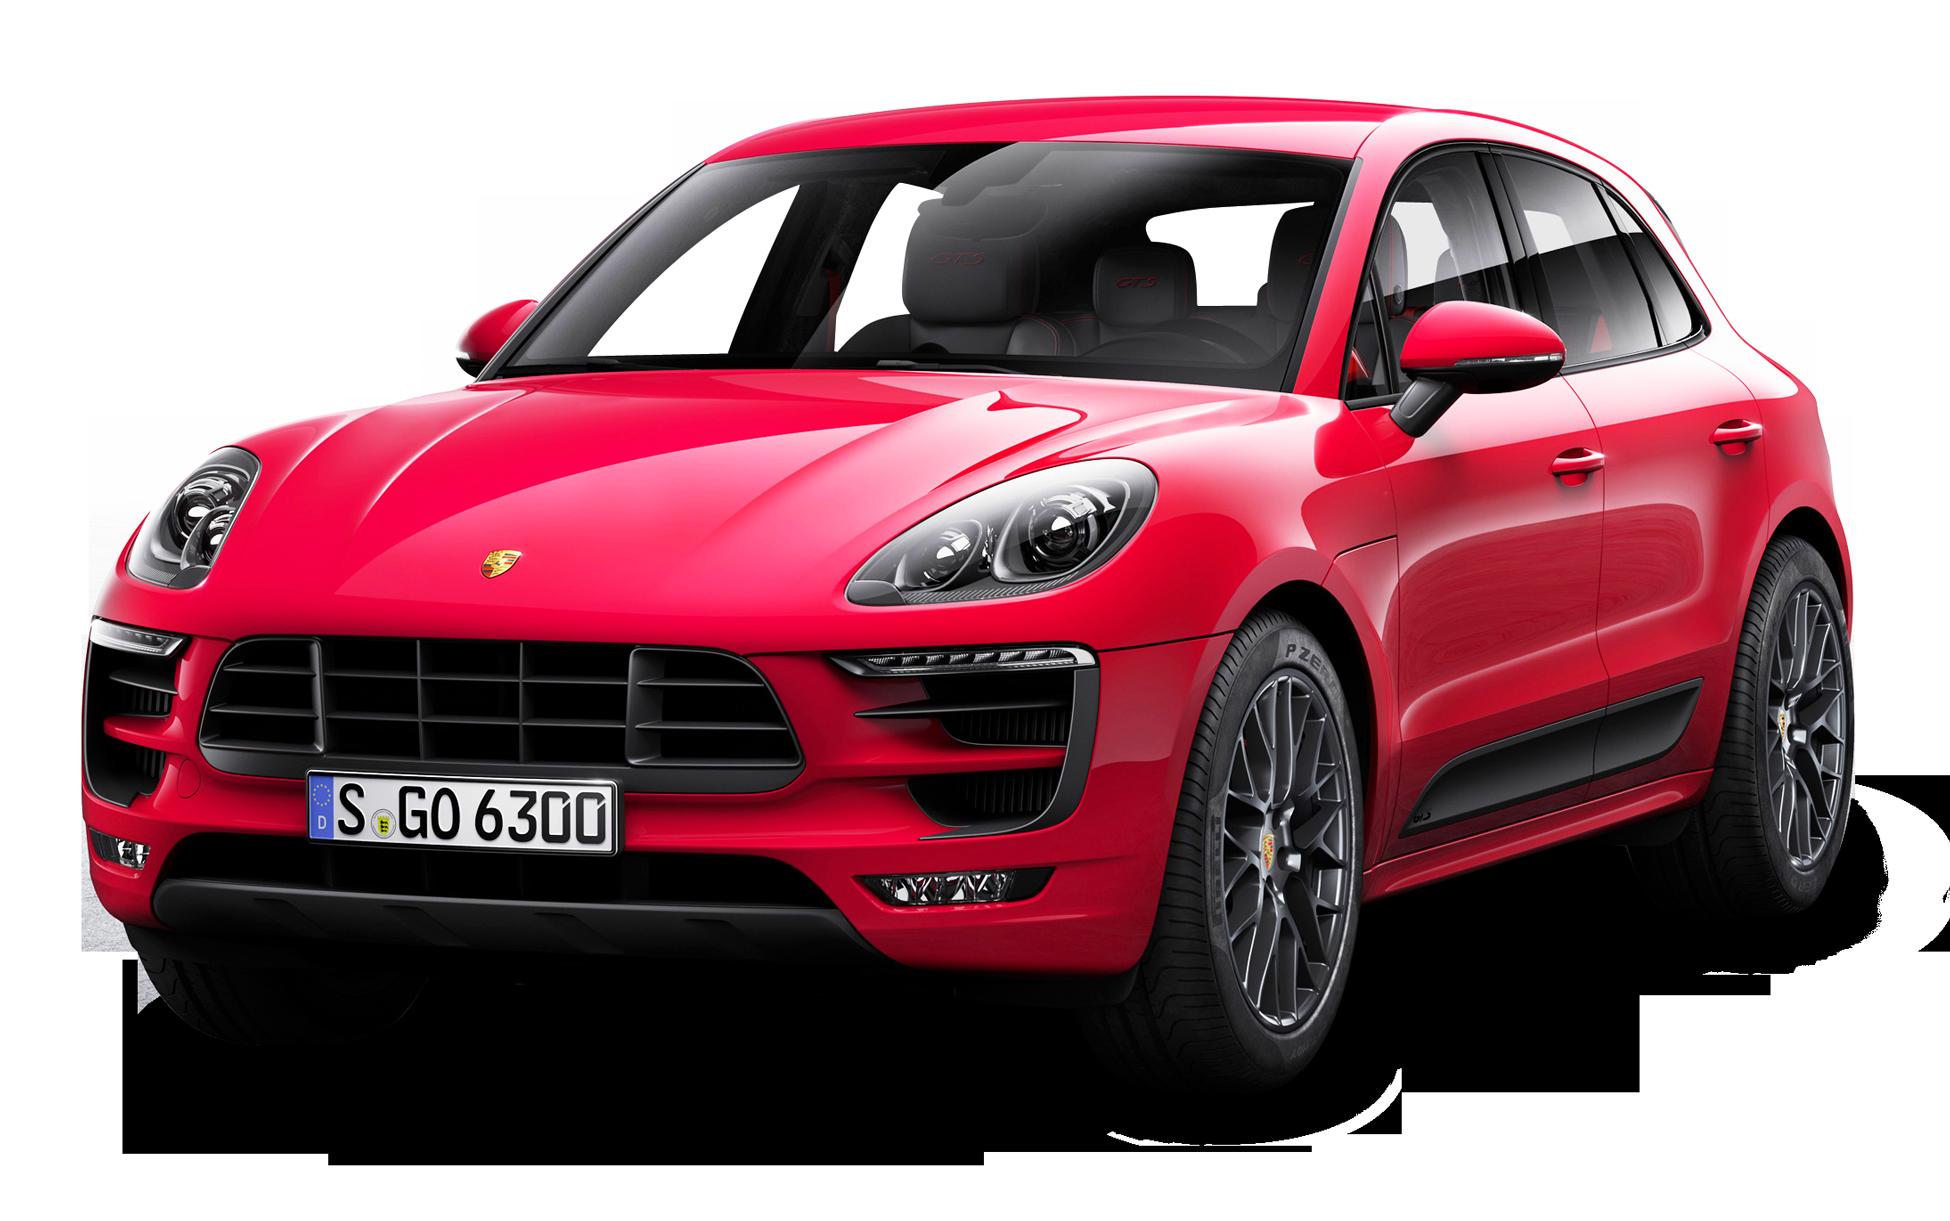 Porsche macan clipart clipart transparent stock Red Porsche Macan GTS Car PNG Image - PurePNG | Free ... clipart transparent stock